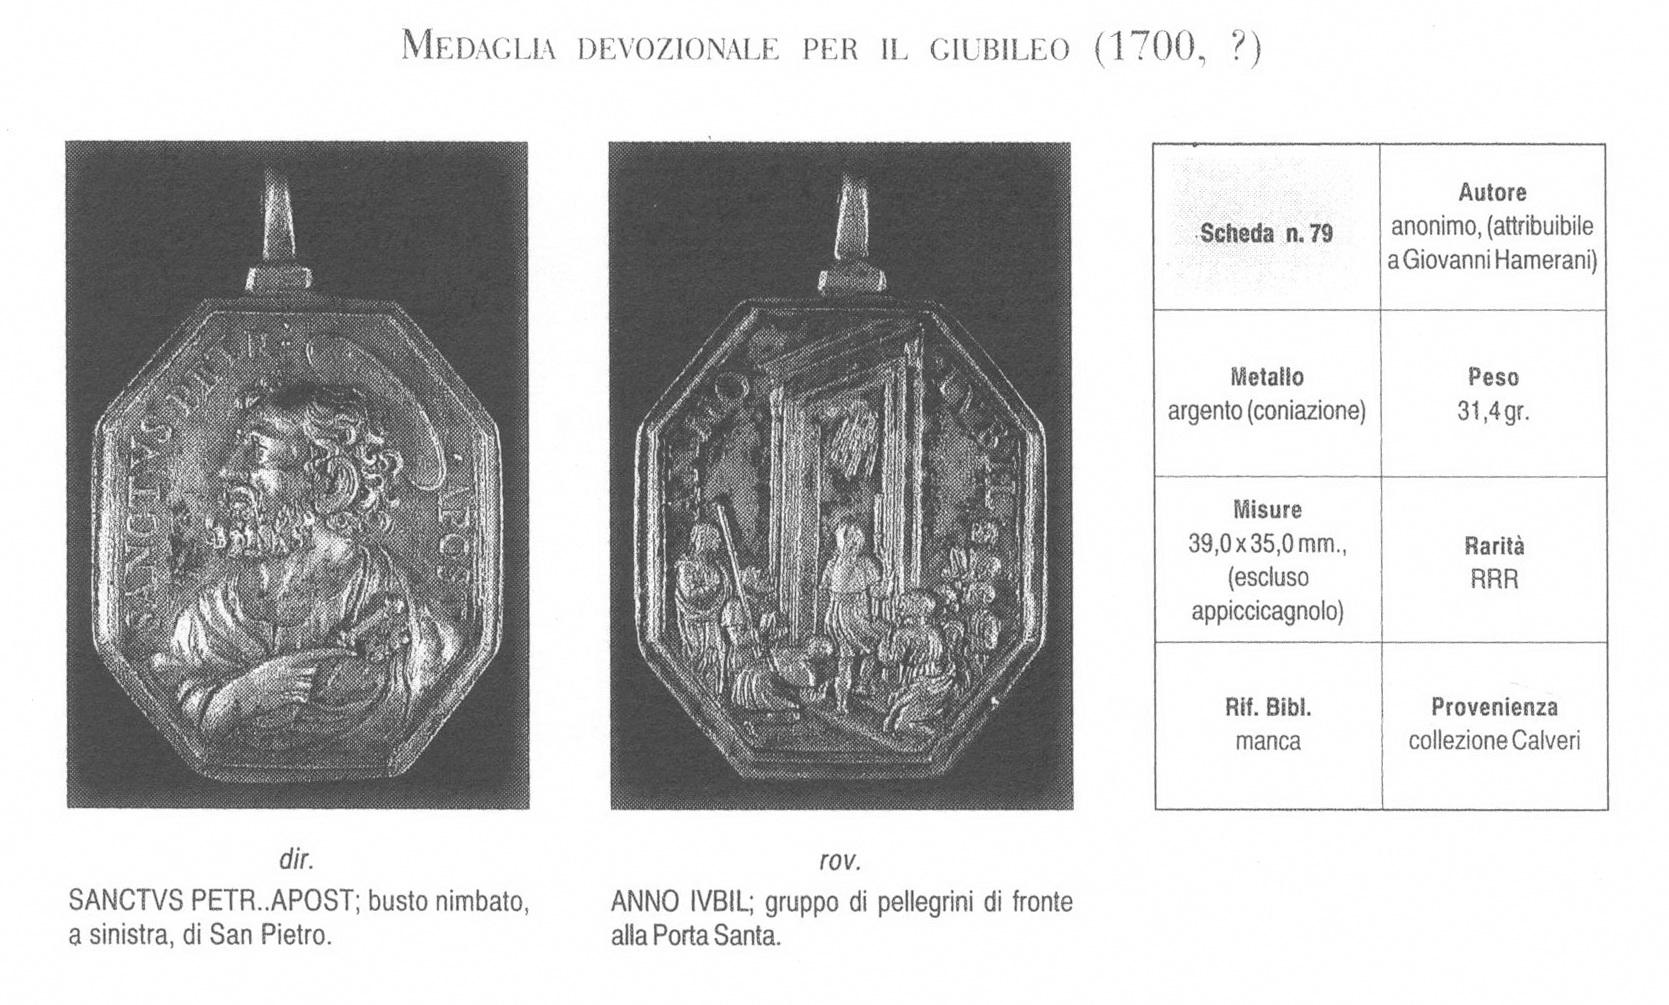 Recopilacion de medallas jubilares de datacion dudosa expuestas en el foro Calveri